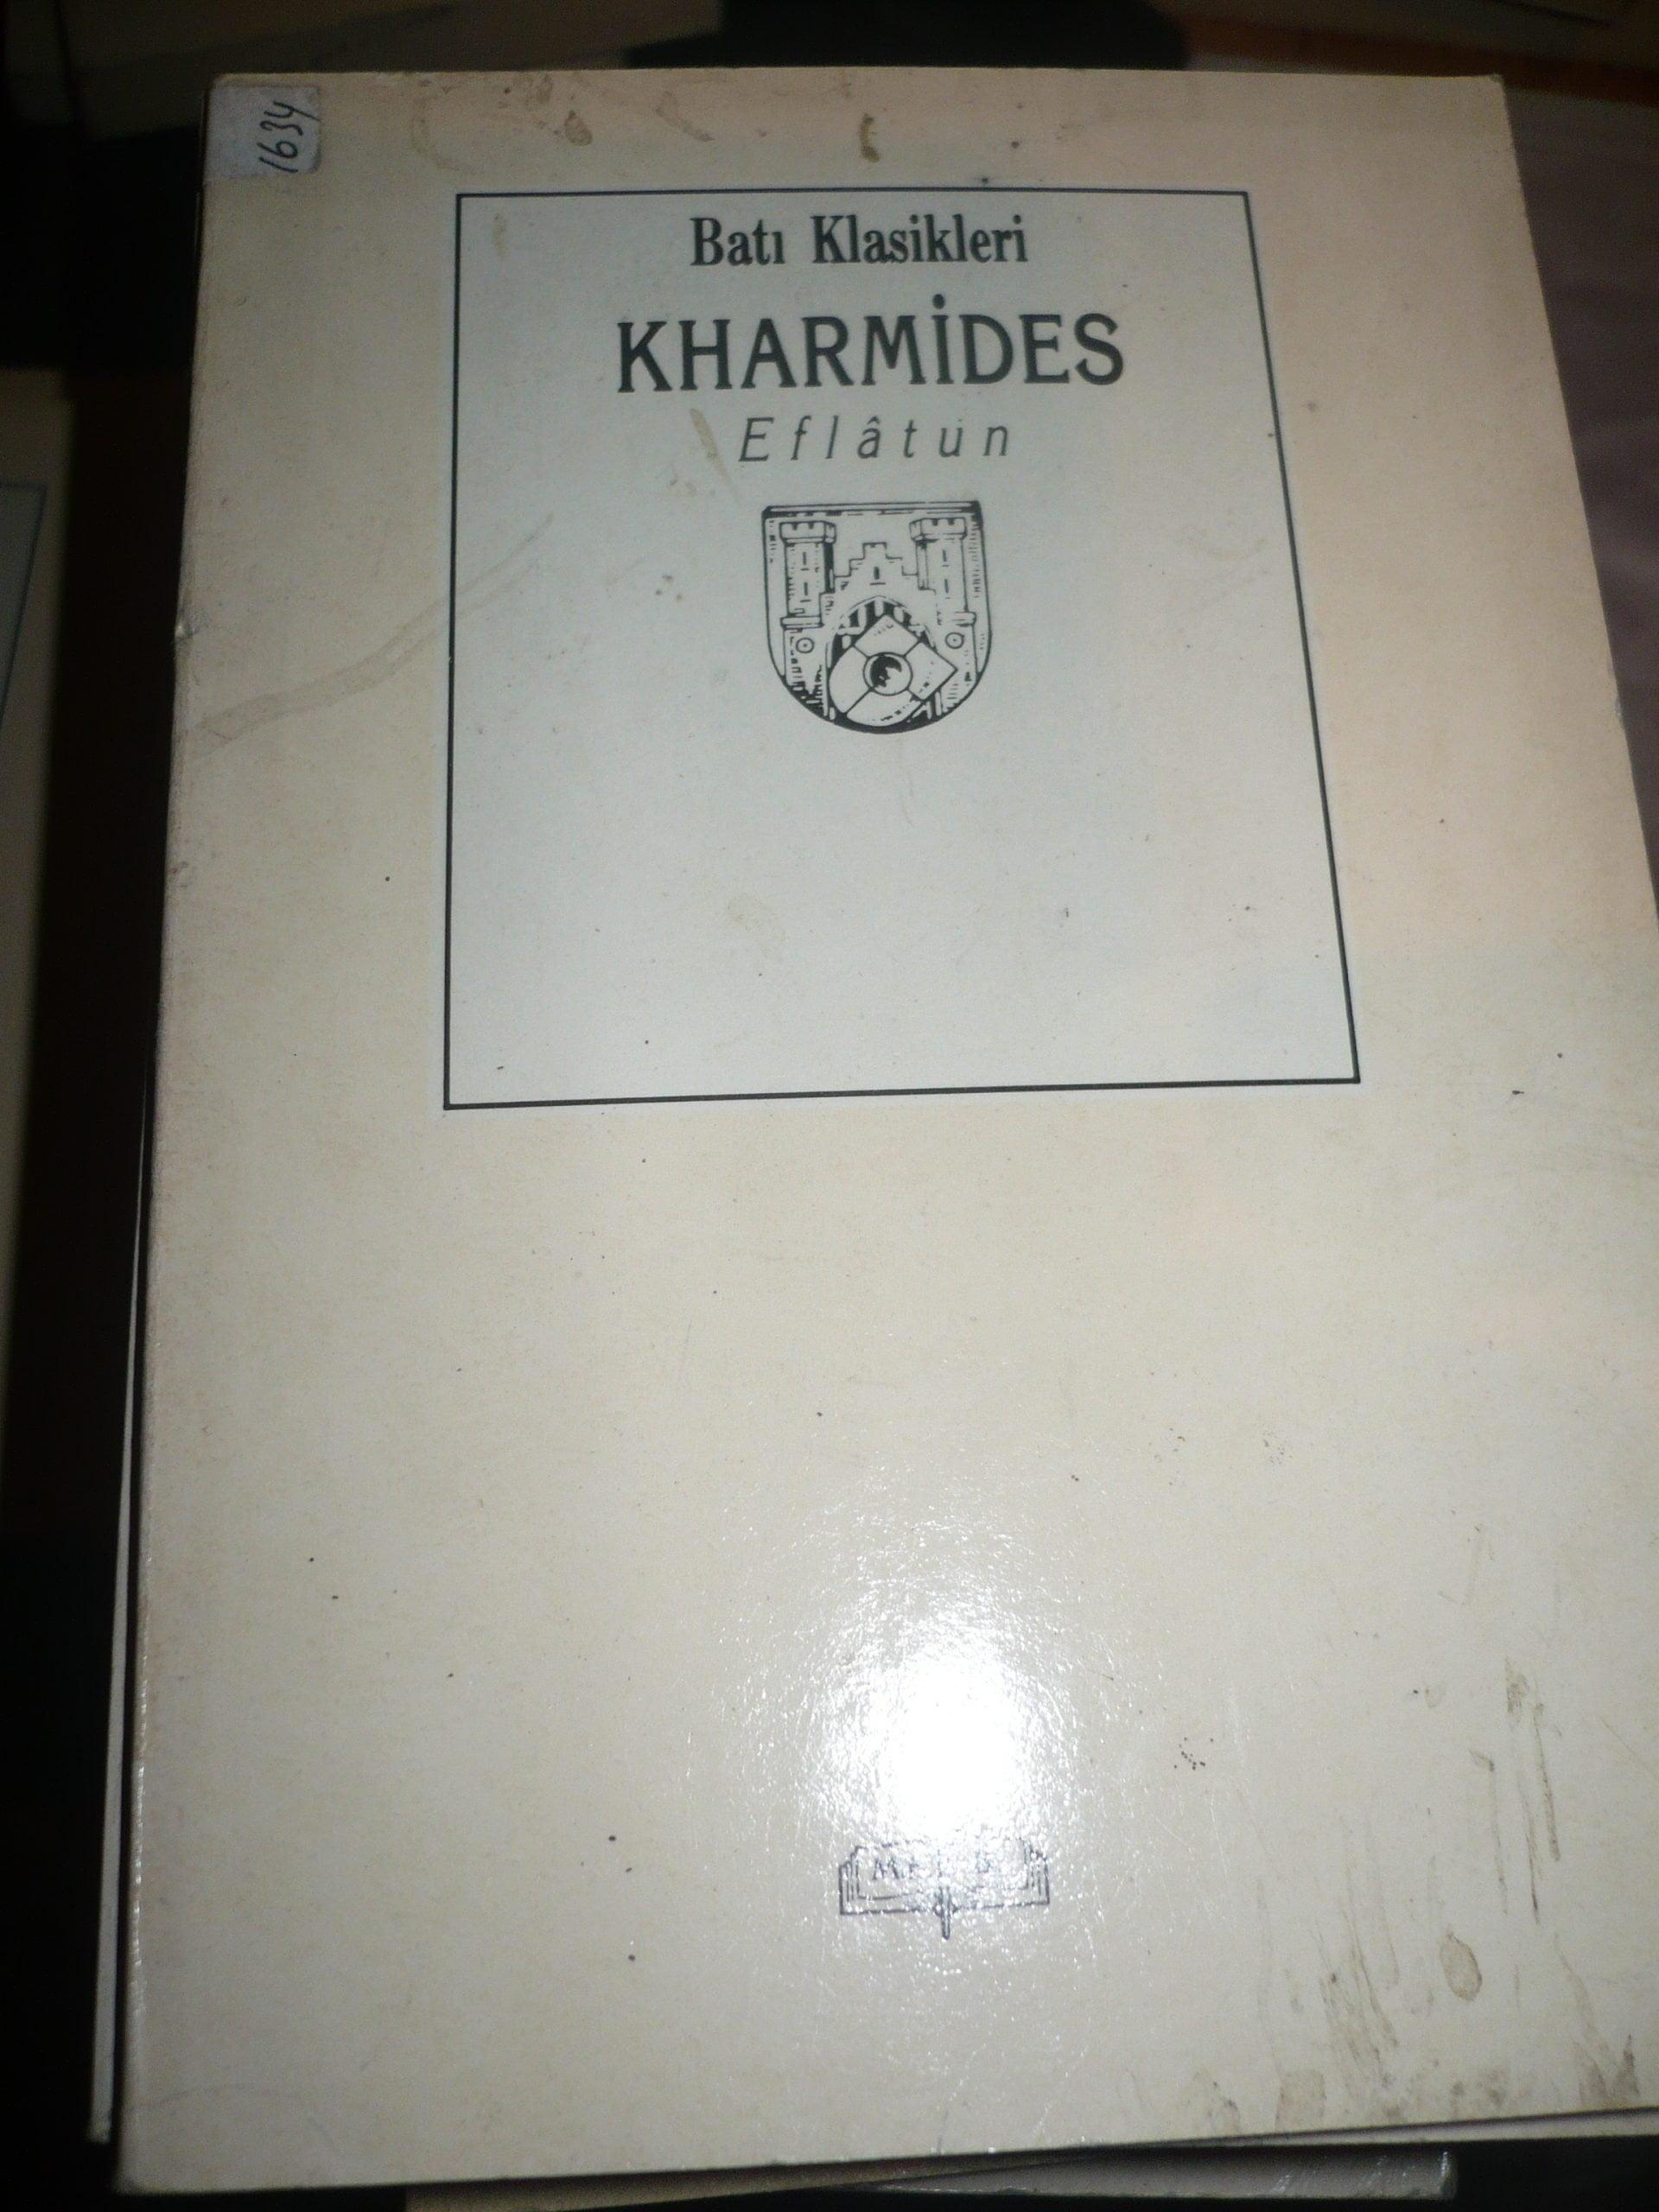 KHARMİDES/EFLATUN/10TL